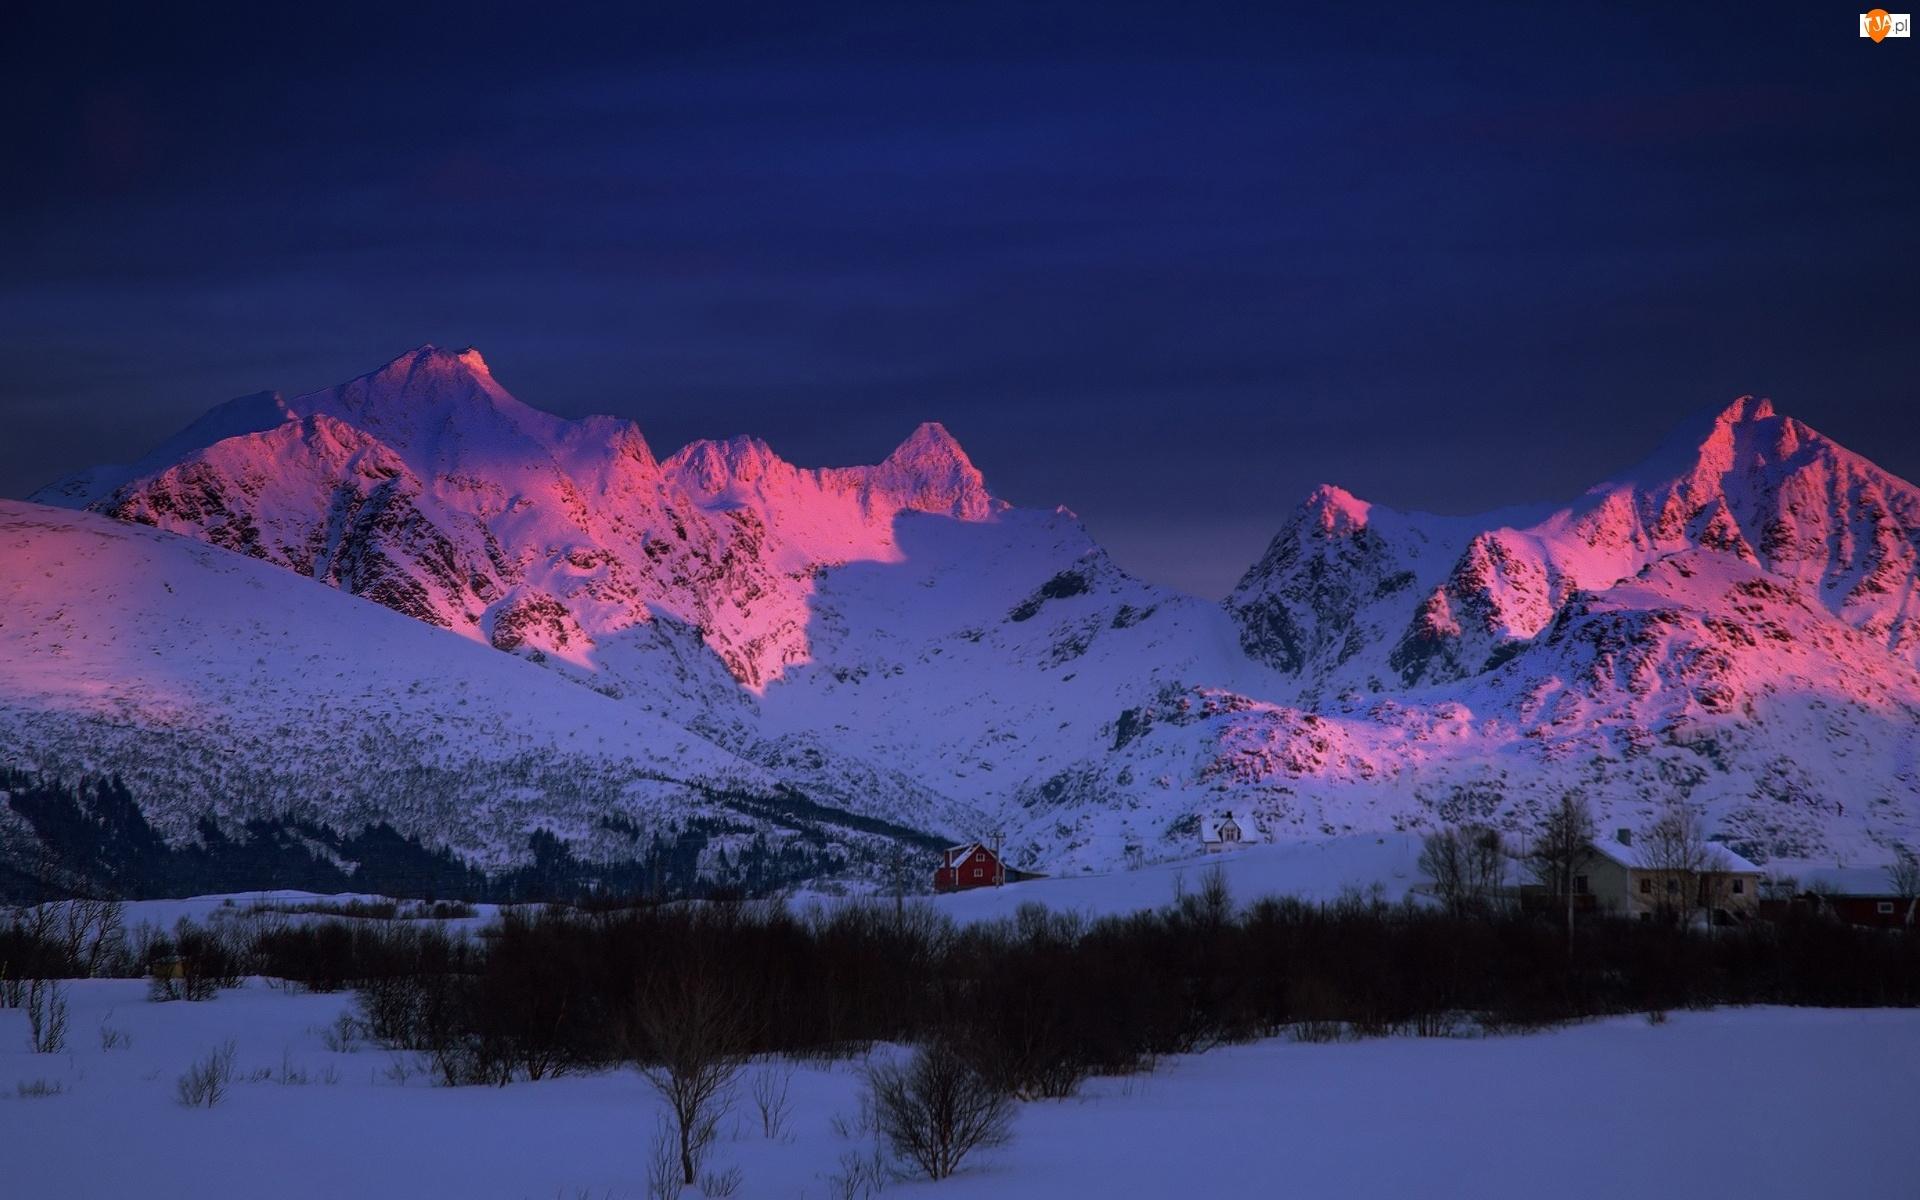 Śnieg, Góry, Zmierzch